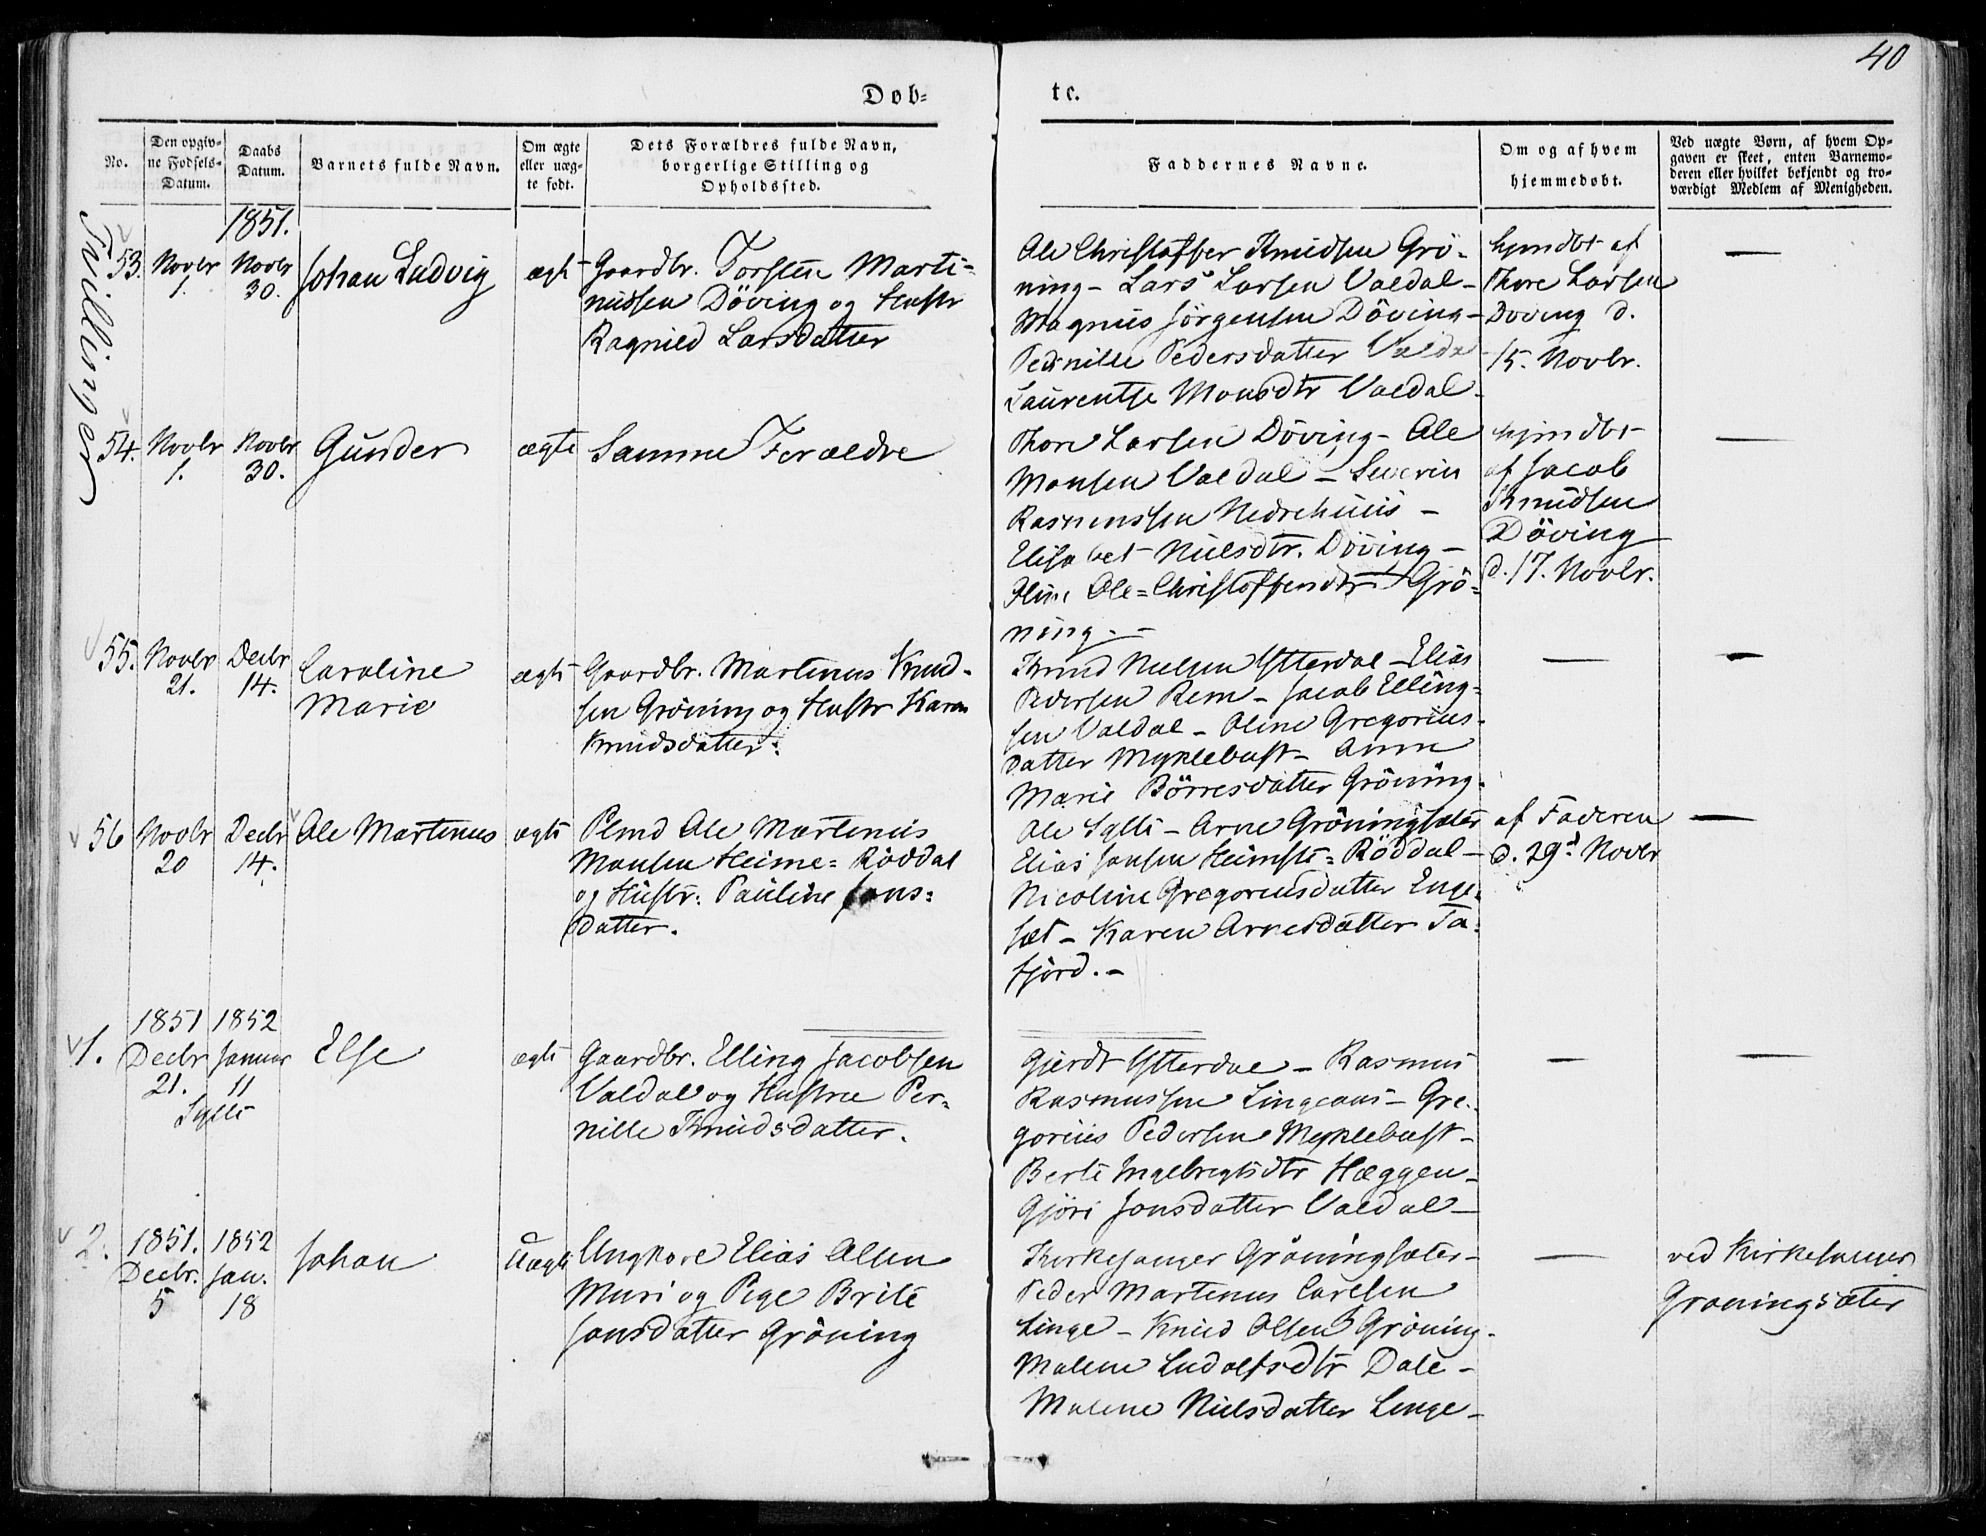 SAT, Ministerialprotokoller, klokkerbøker og fødselsregistre - Møre og Romsdal, 519/L0249: Ministerialbok nr. 519A08, 1846-1868, s. 40